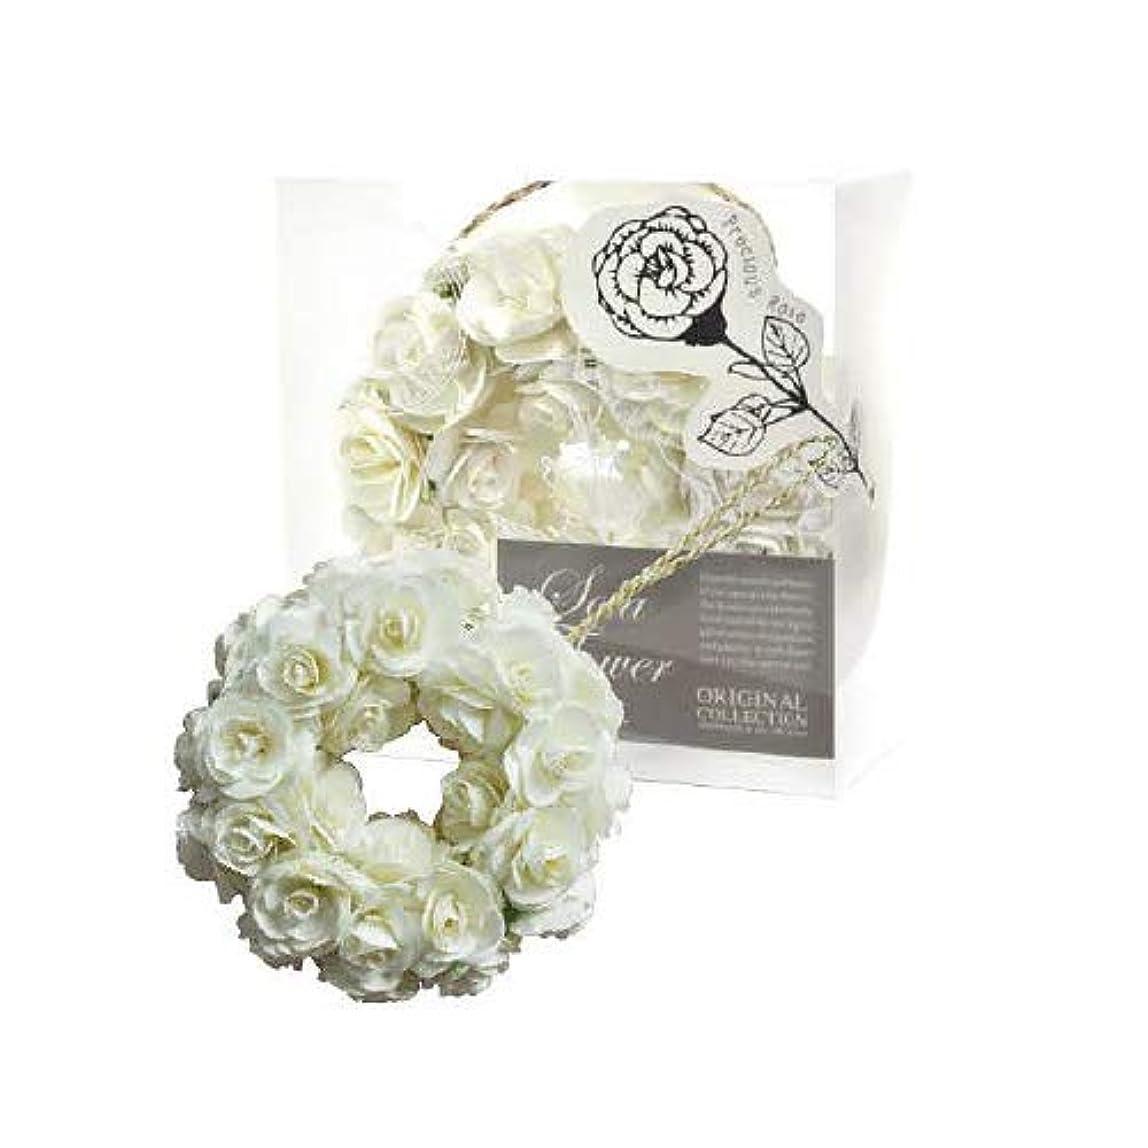 把握ビバ請求書new Sola Flower ソラフラワー Wreath リース Precious Rose プレシャスローズ